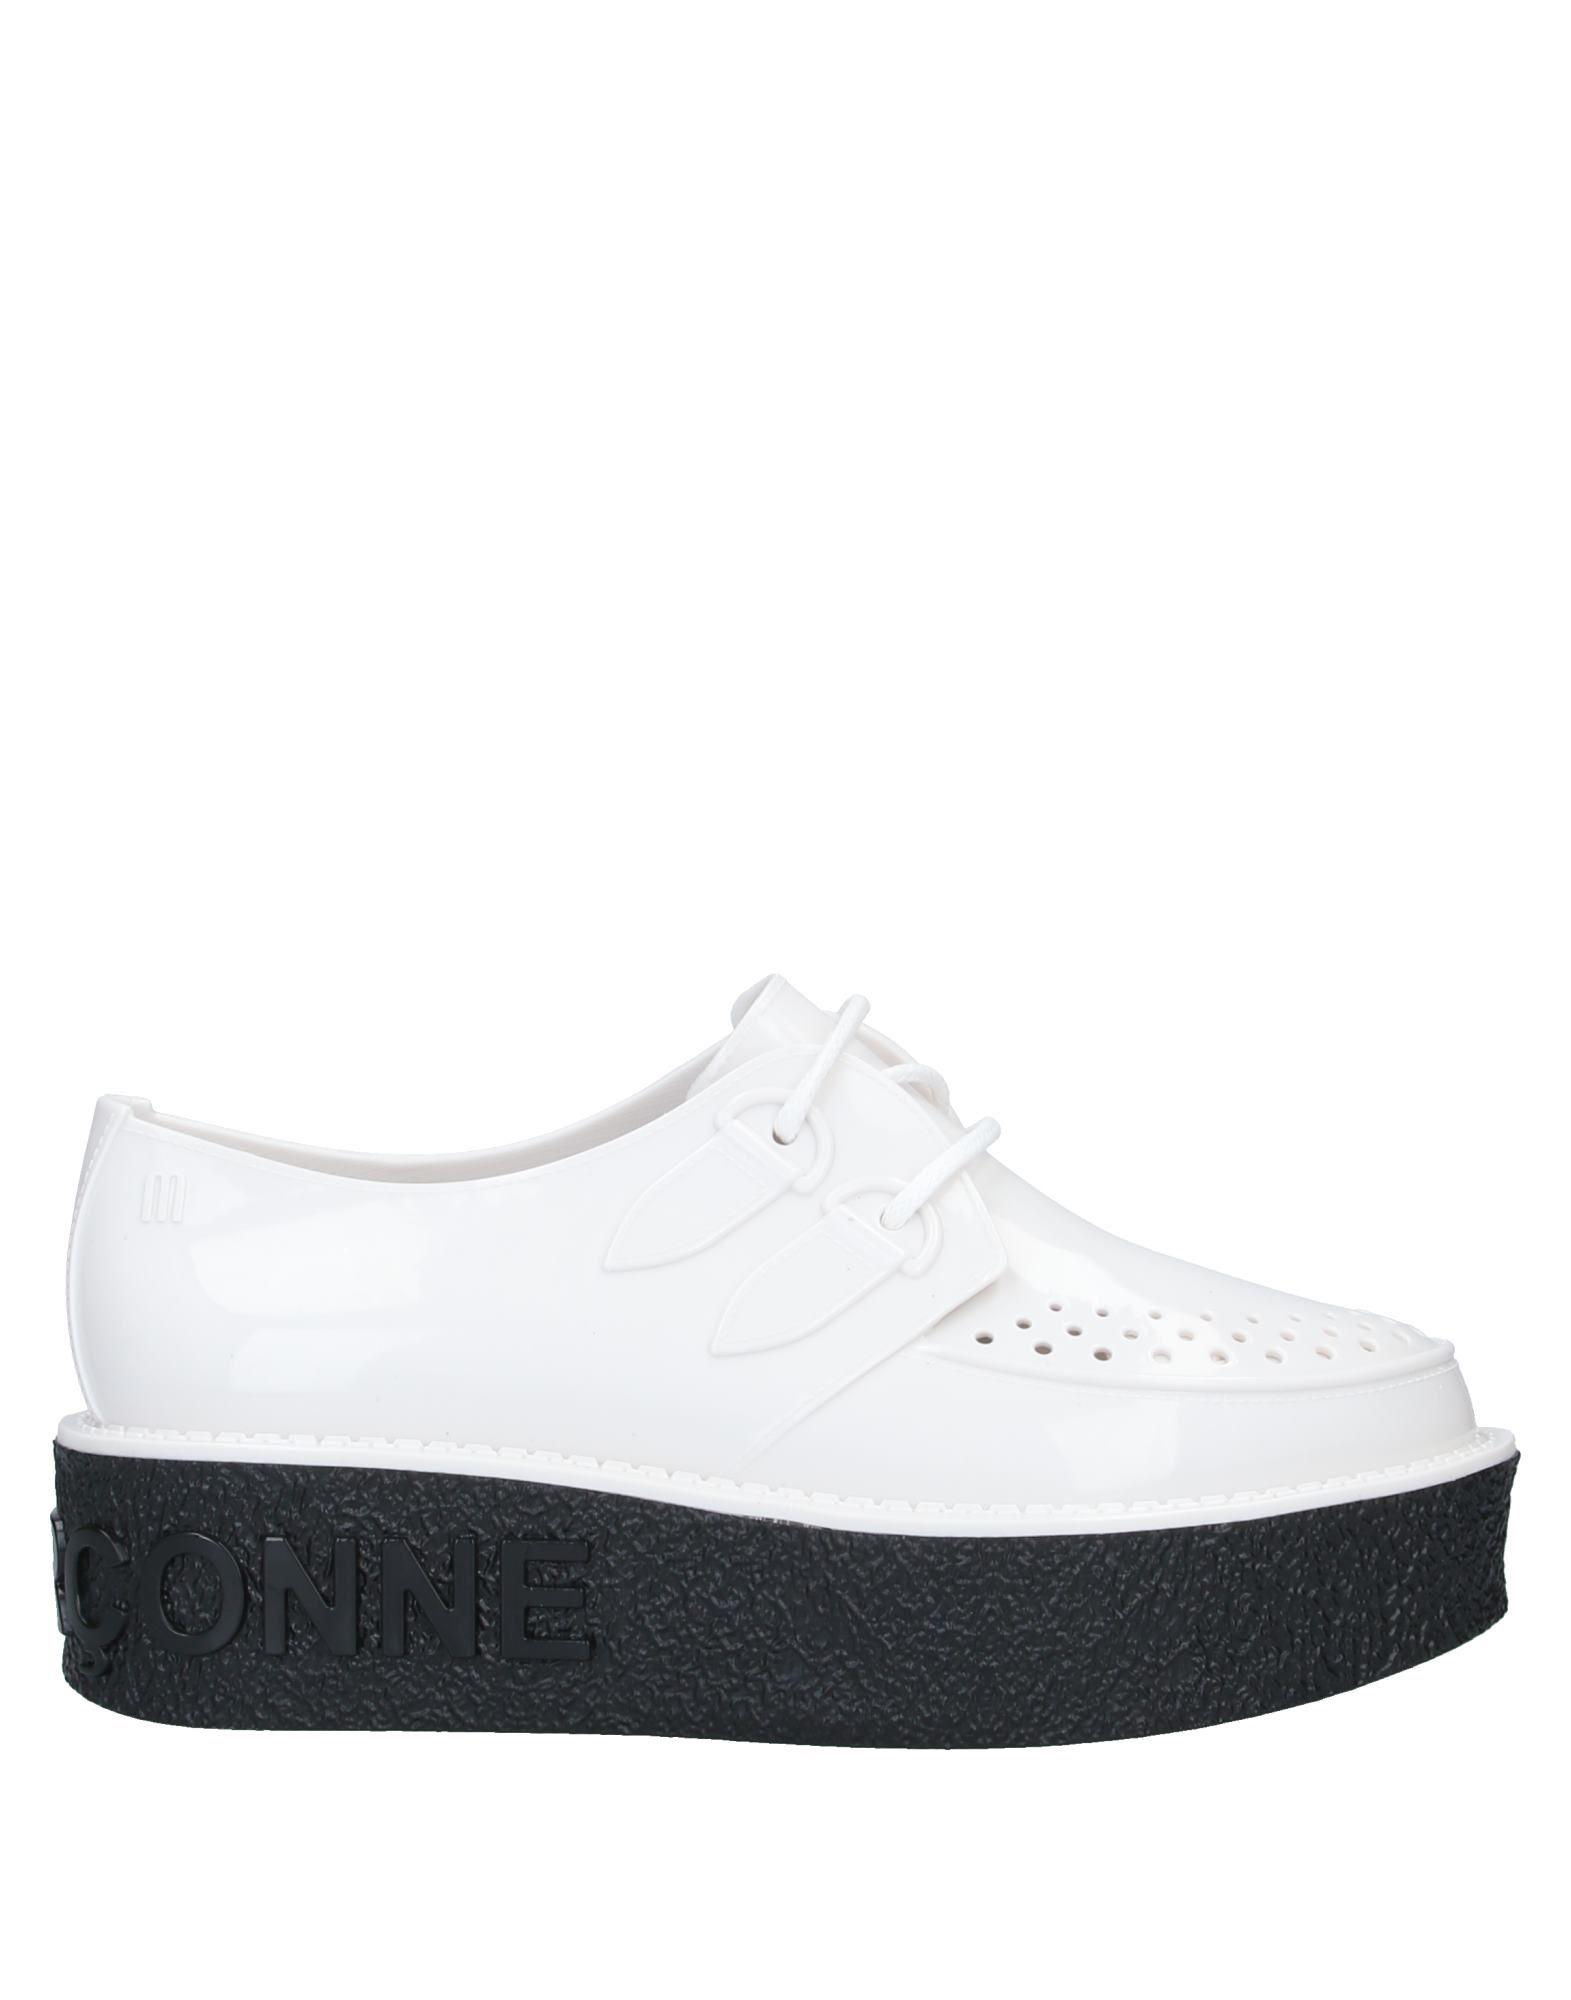 MELISSA / À LA GARÇONNE Обувь на шнурках melissa à la garçonne сандалии